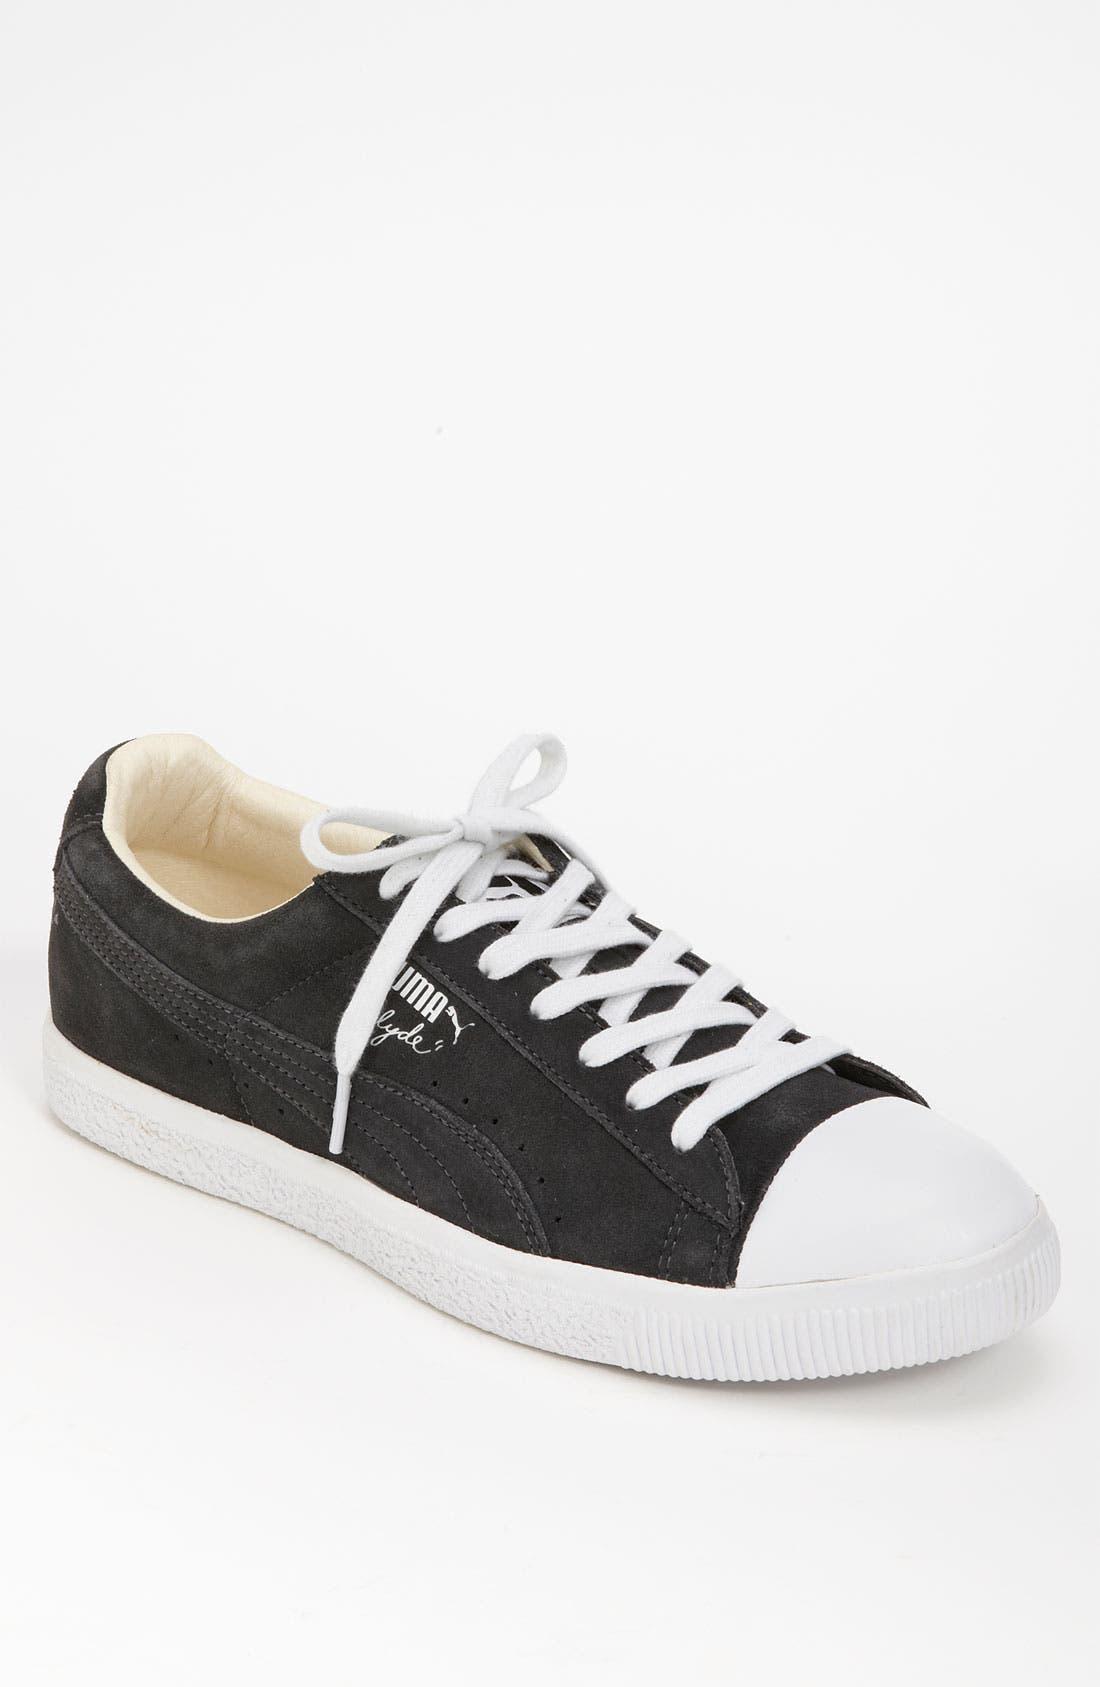 Main Image - PUMA 'Clyde Script TC' Sneaker (Men)